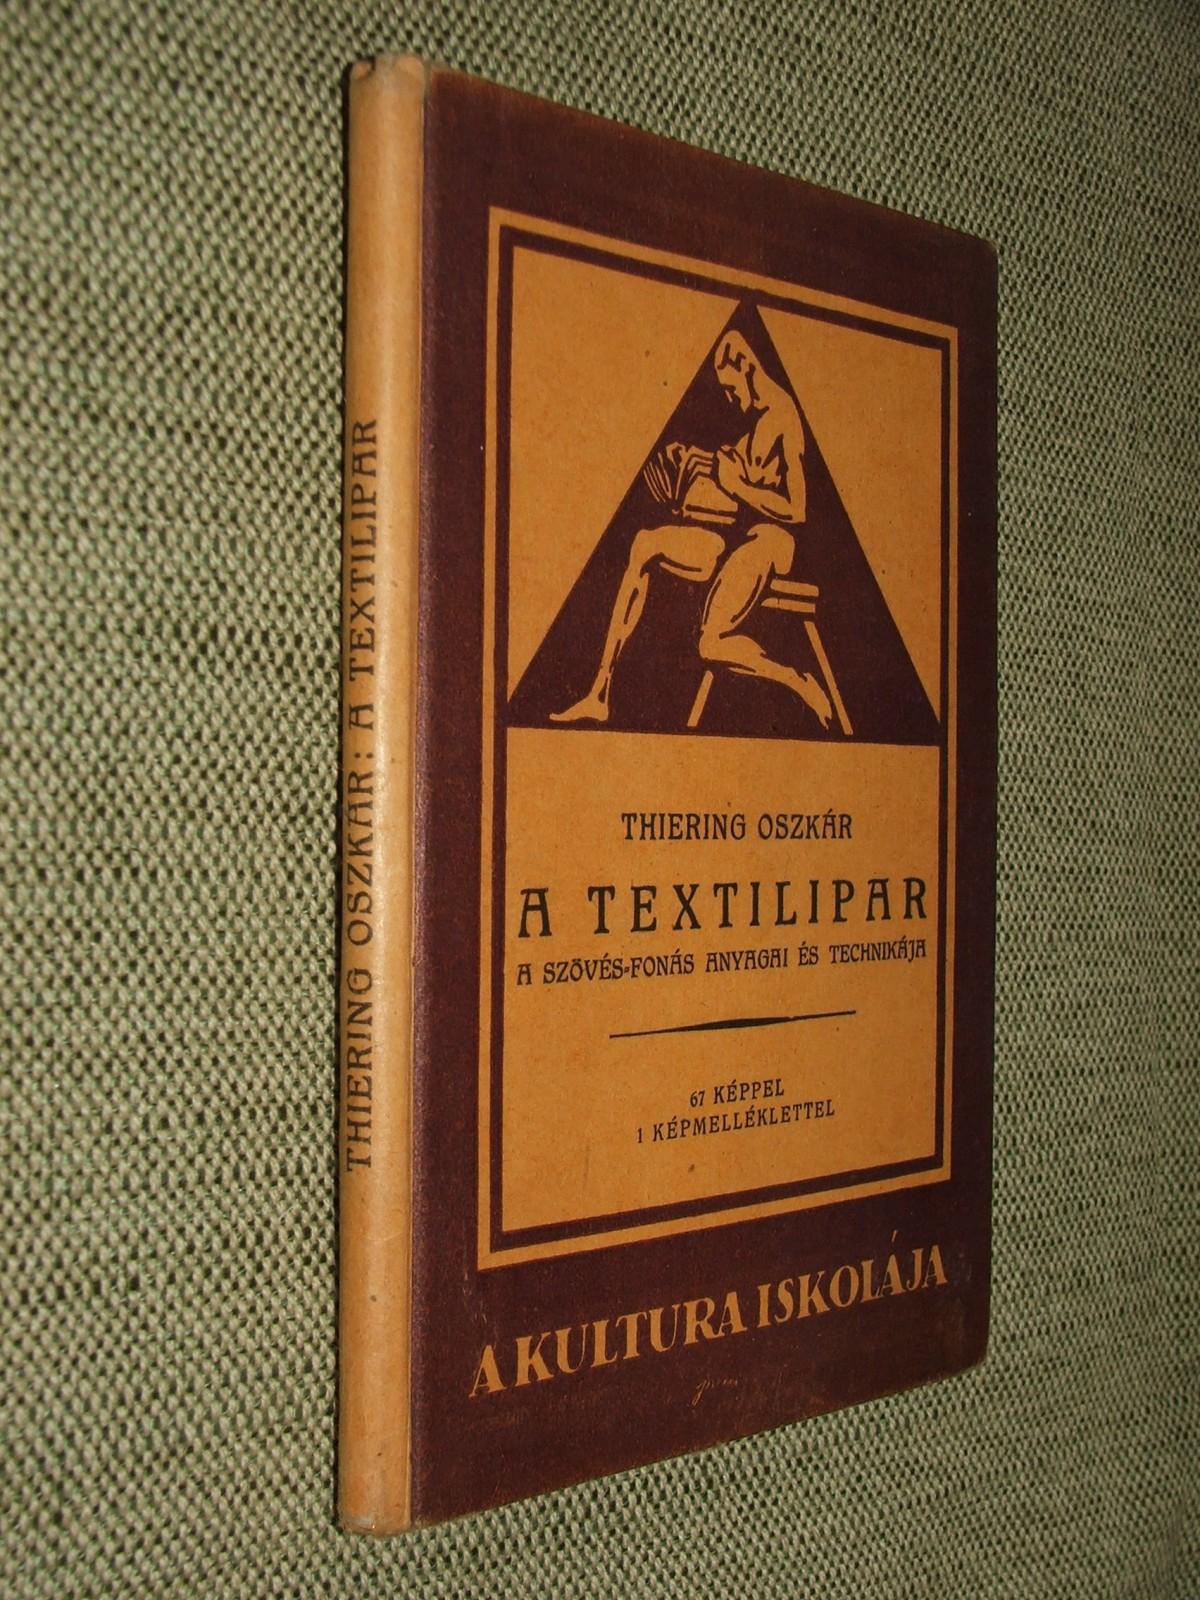 THIERING Oszkár: A textilipar